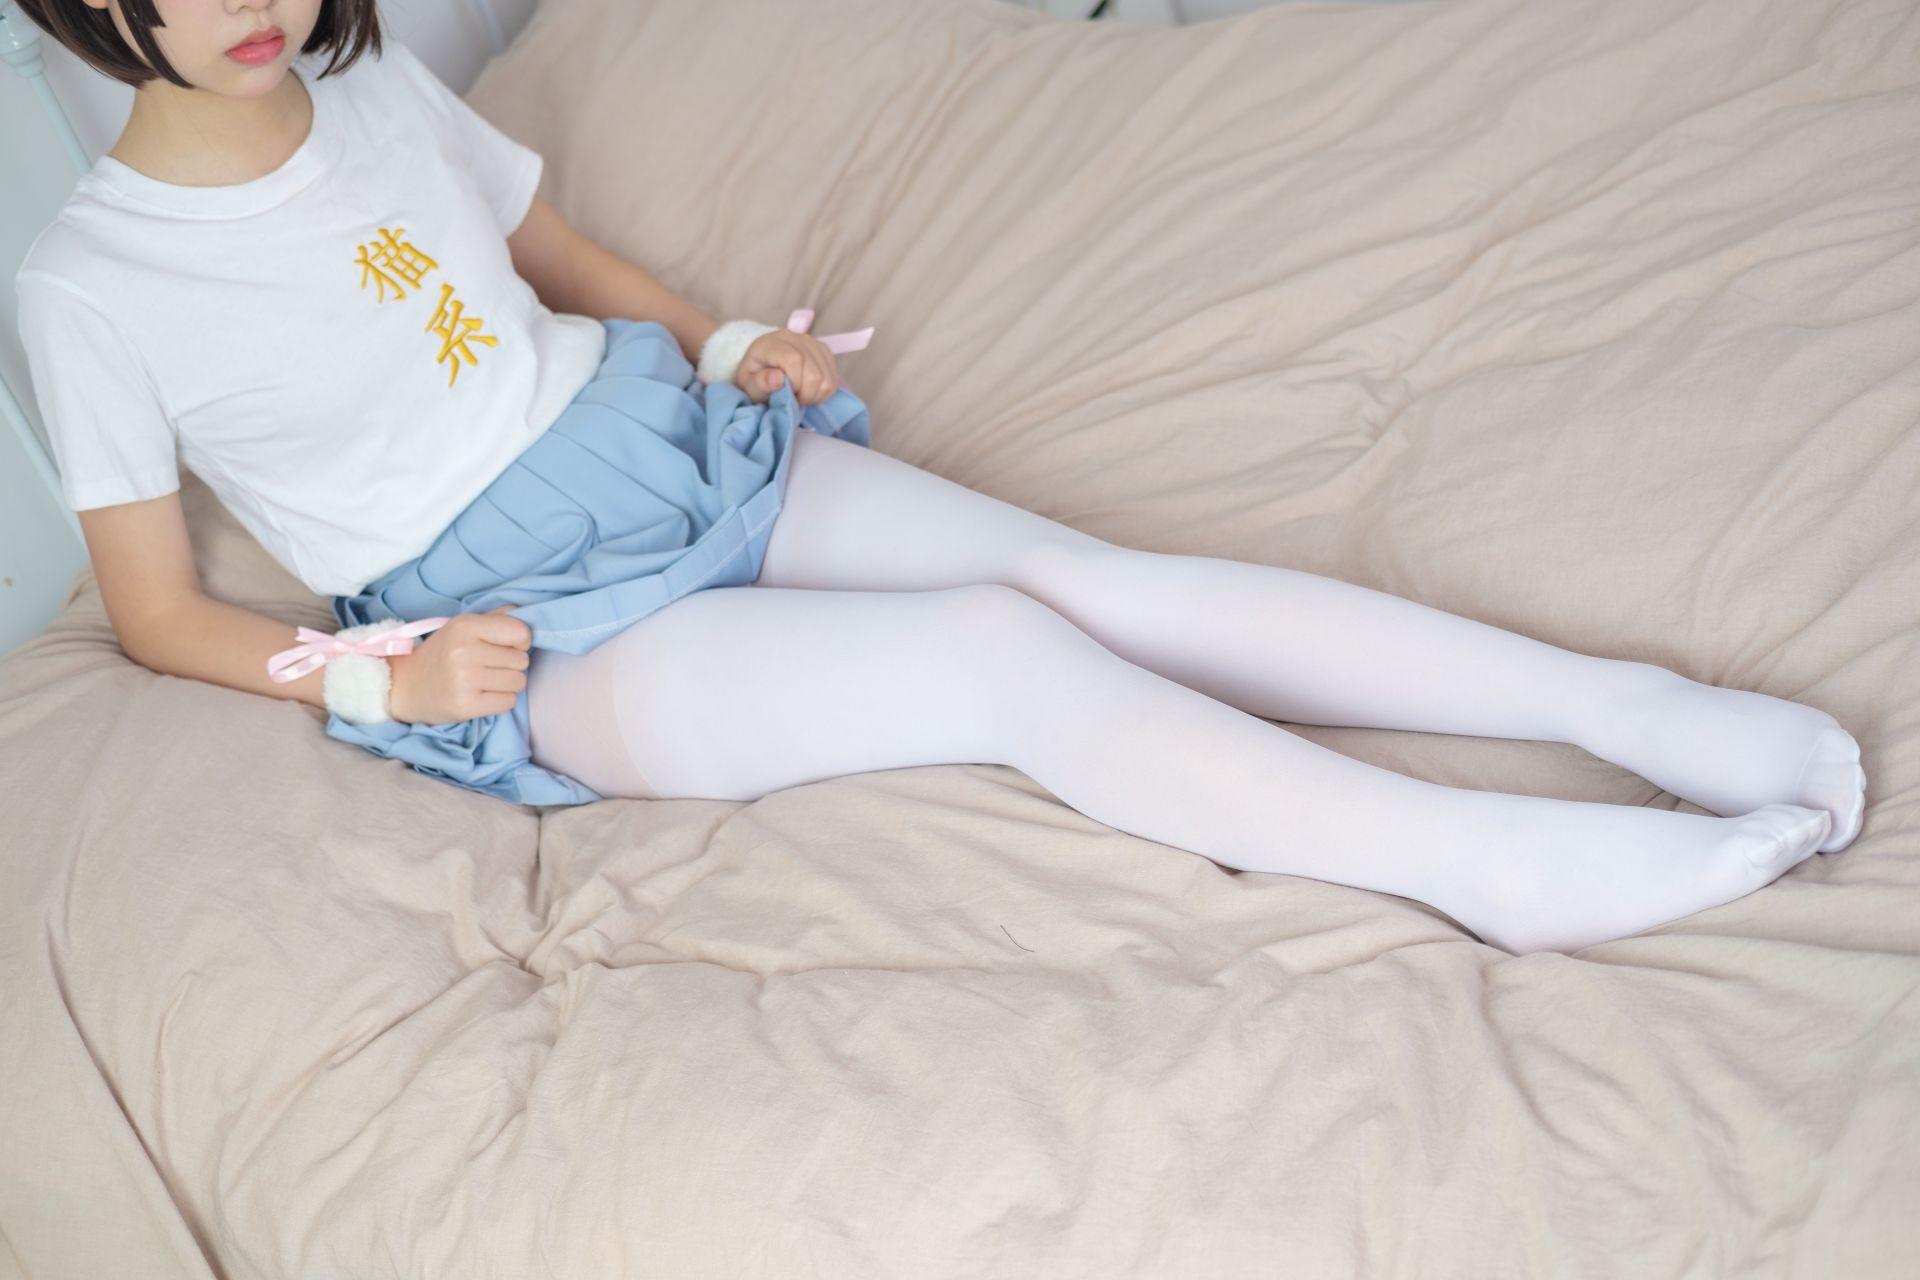 【森萝财团】森萝财团写真 – X-031 可爱猫系萝莉露脸 [89P-1V-2.21GB] X系列 第3张